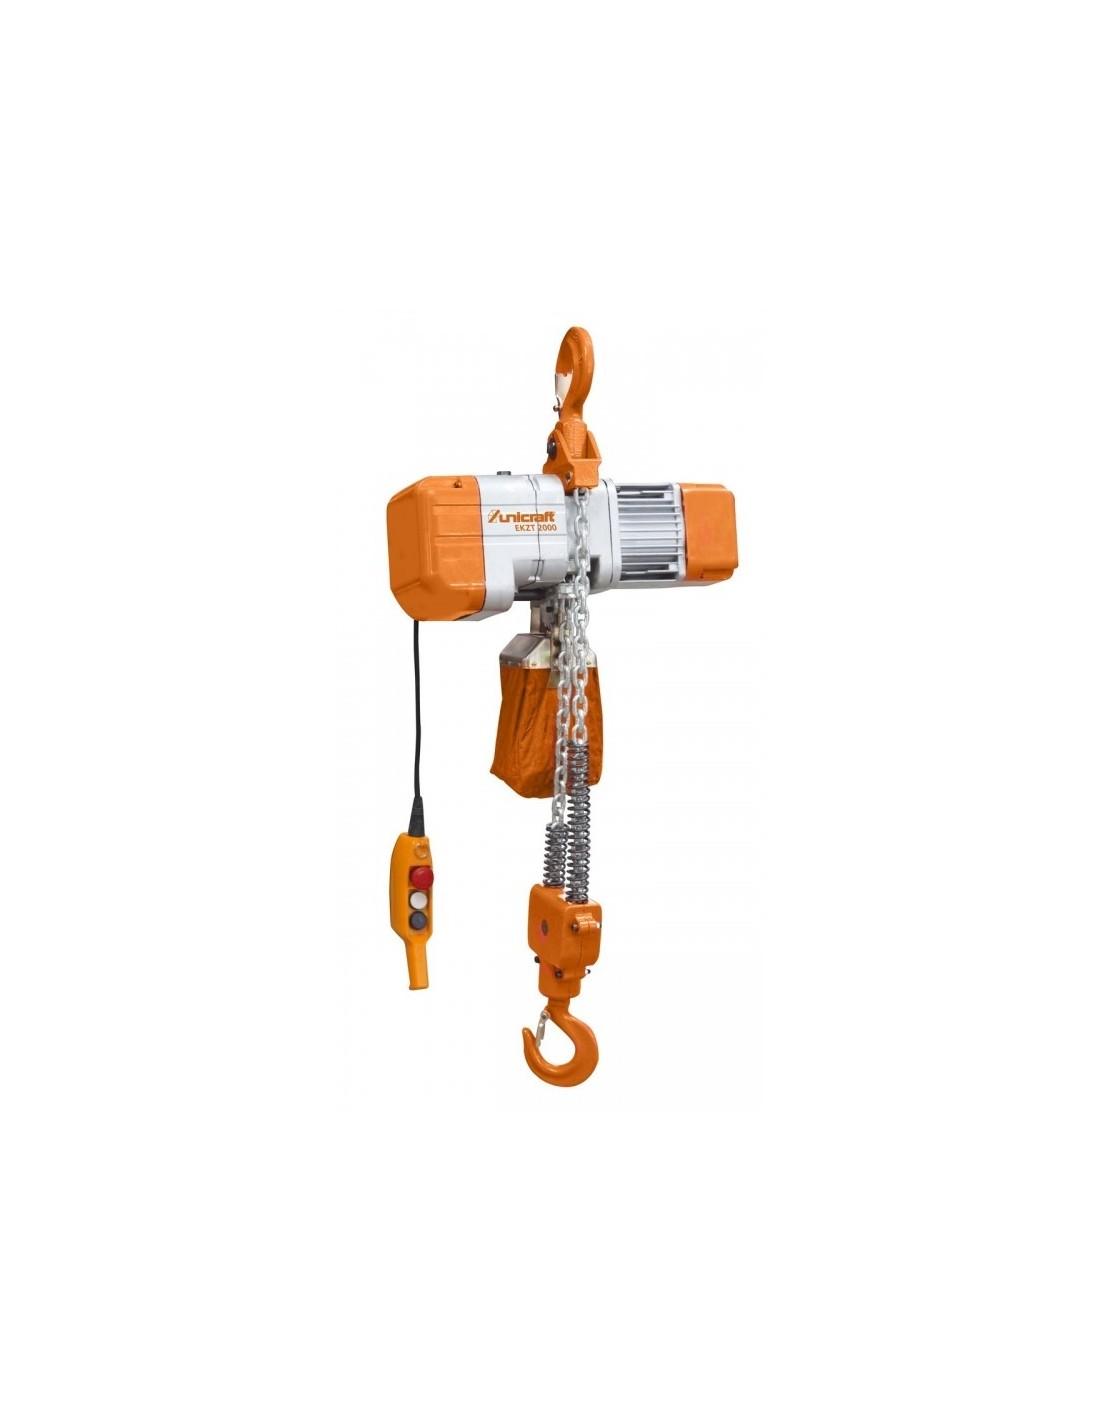 Troliu electric cu lant Unicraft EKZT 1000